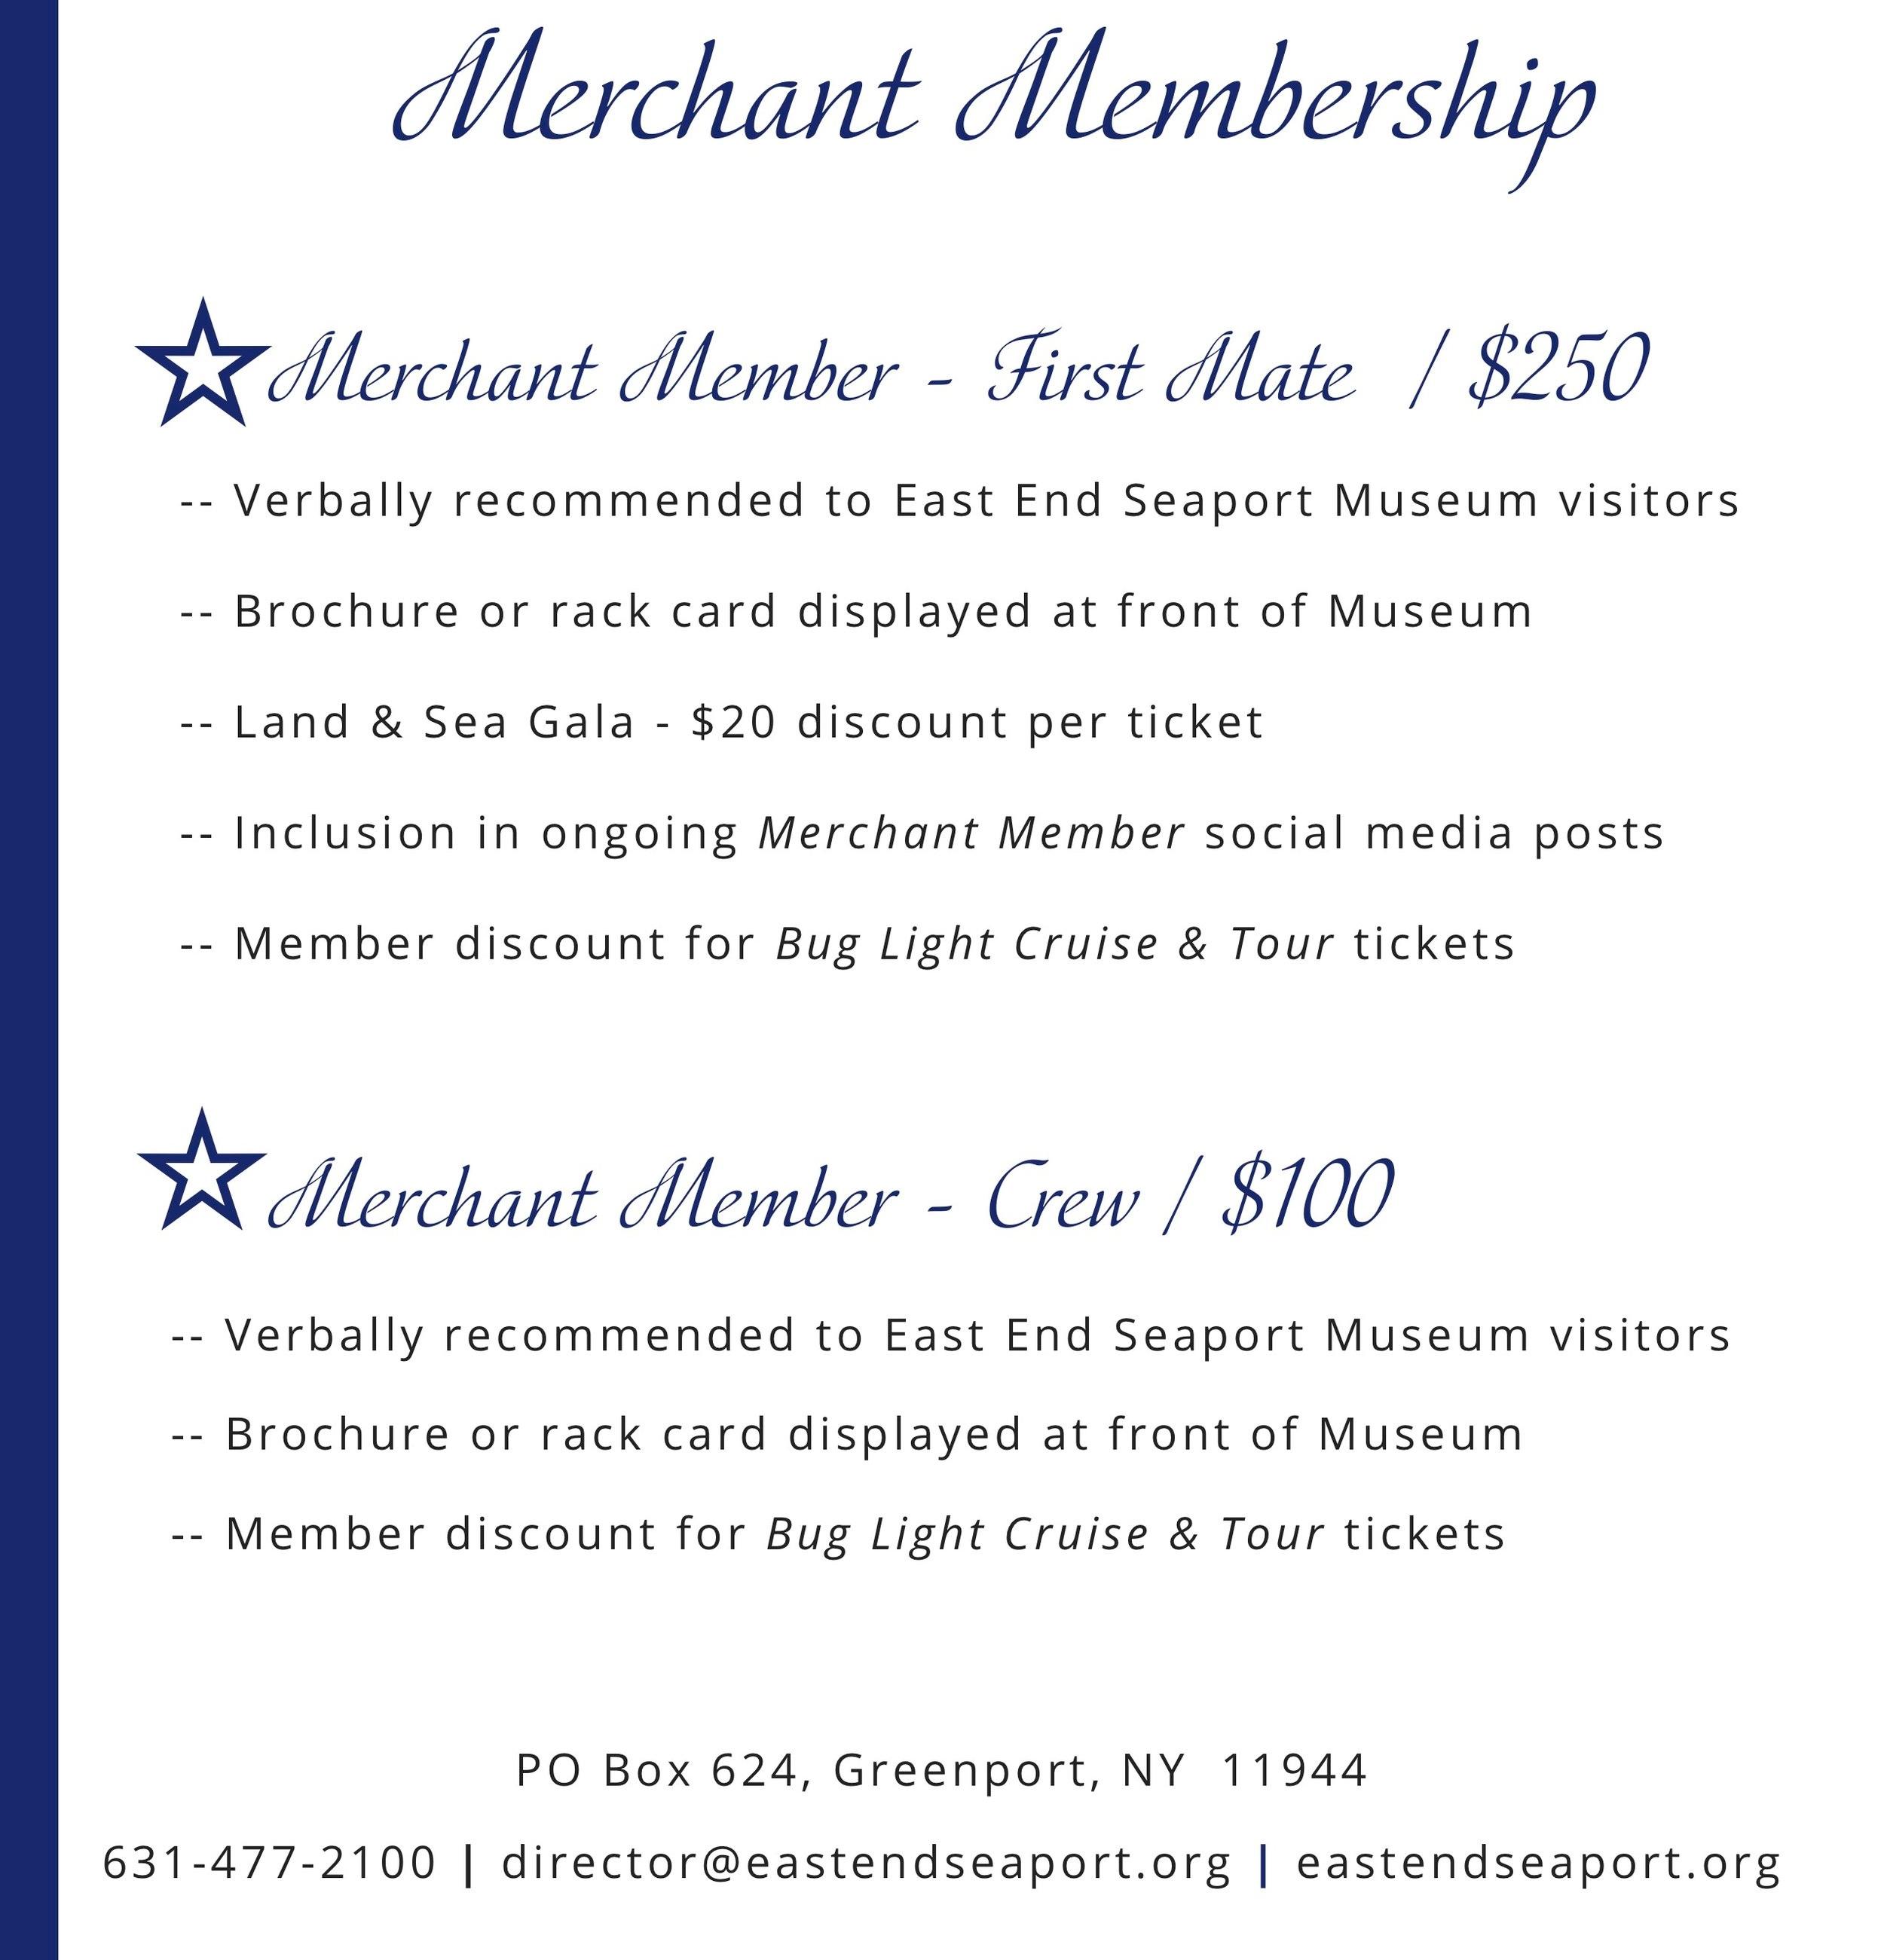 EESM_2018+Merchant+Membership.jpg